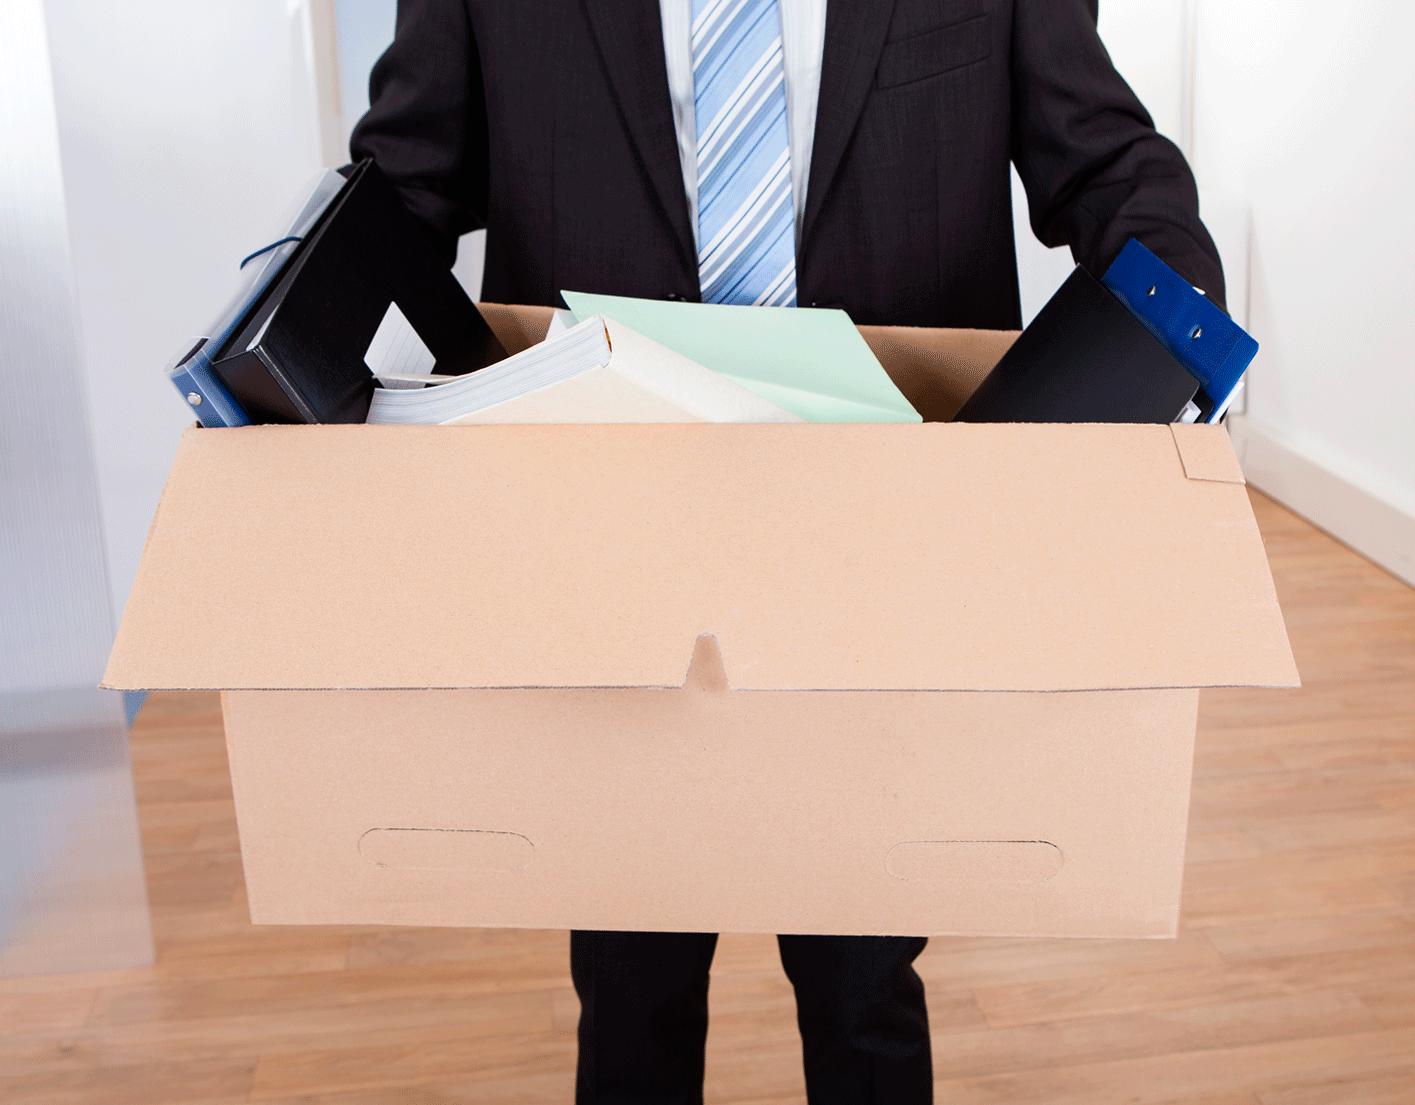 Despedir a un trabajador de baja de duración incierta por accidente puede suponer despido discriminatorio según nueva sentencia del TJUE